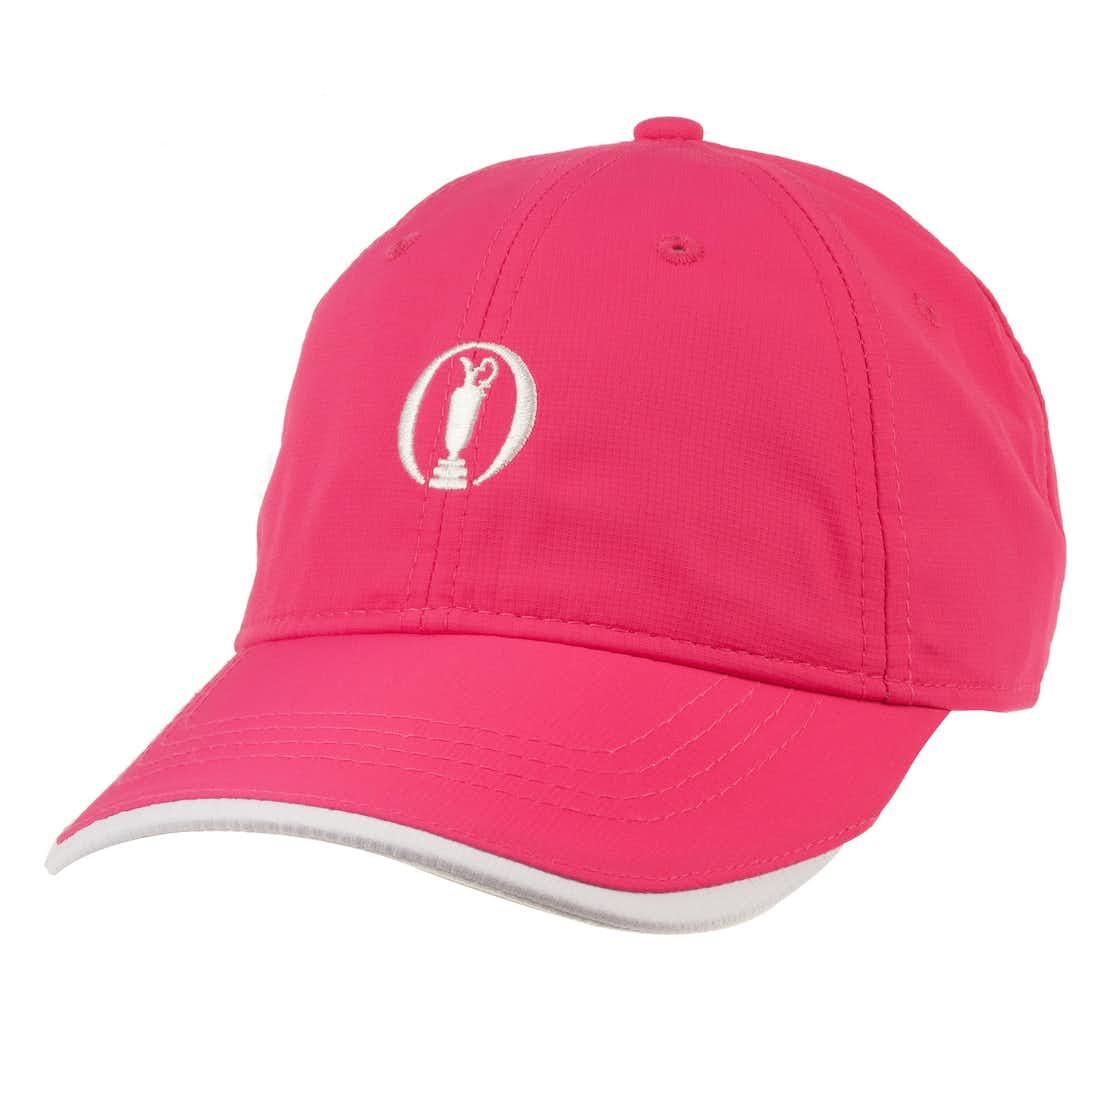 The Open Baseball Cap - Pink